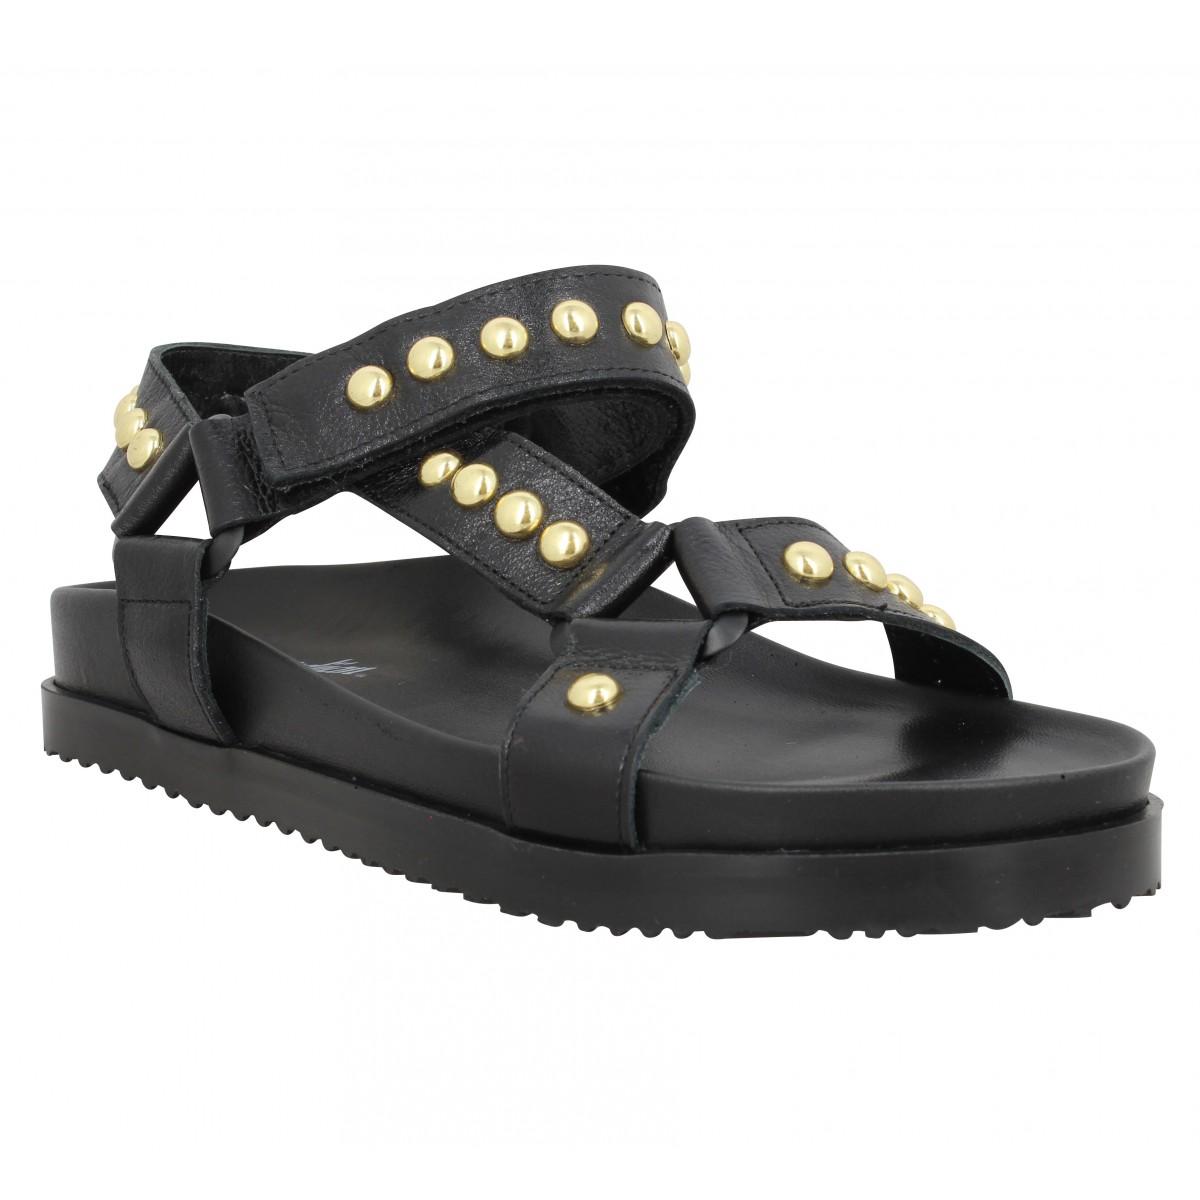 Nu-pieds SEMERDJIAN E559 cuir Femme Noir